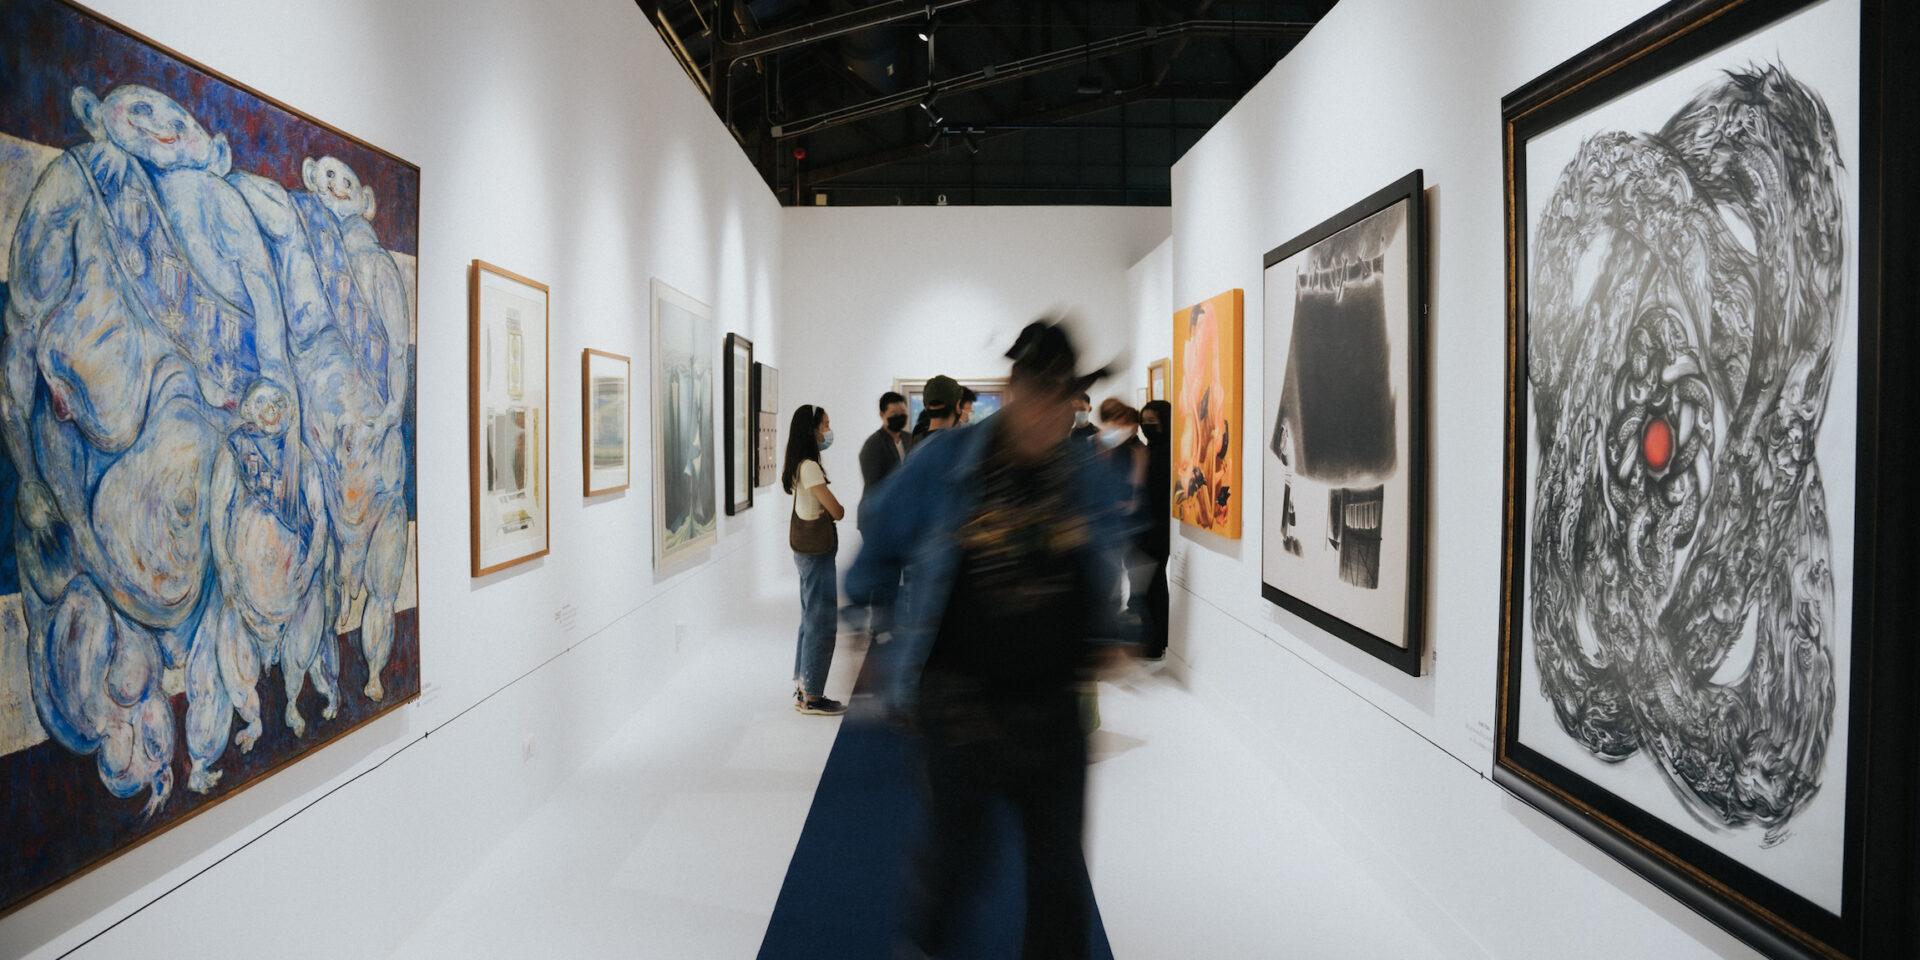 """333Anywhere แกลเลอรี่แห่งใหม่ ที่เปิดตัวด้วย """"การเปลี่ยนถ่ายจากรุ่นสู่รุ่น"""" กับผลงานศิลปินไทยระดับมาสเตอร์กว่า 200 ภาพ"""